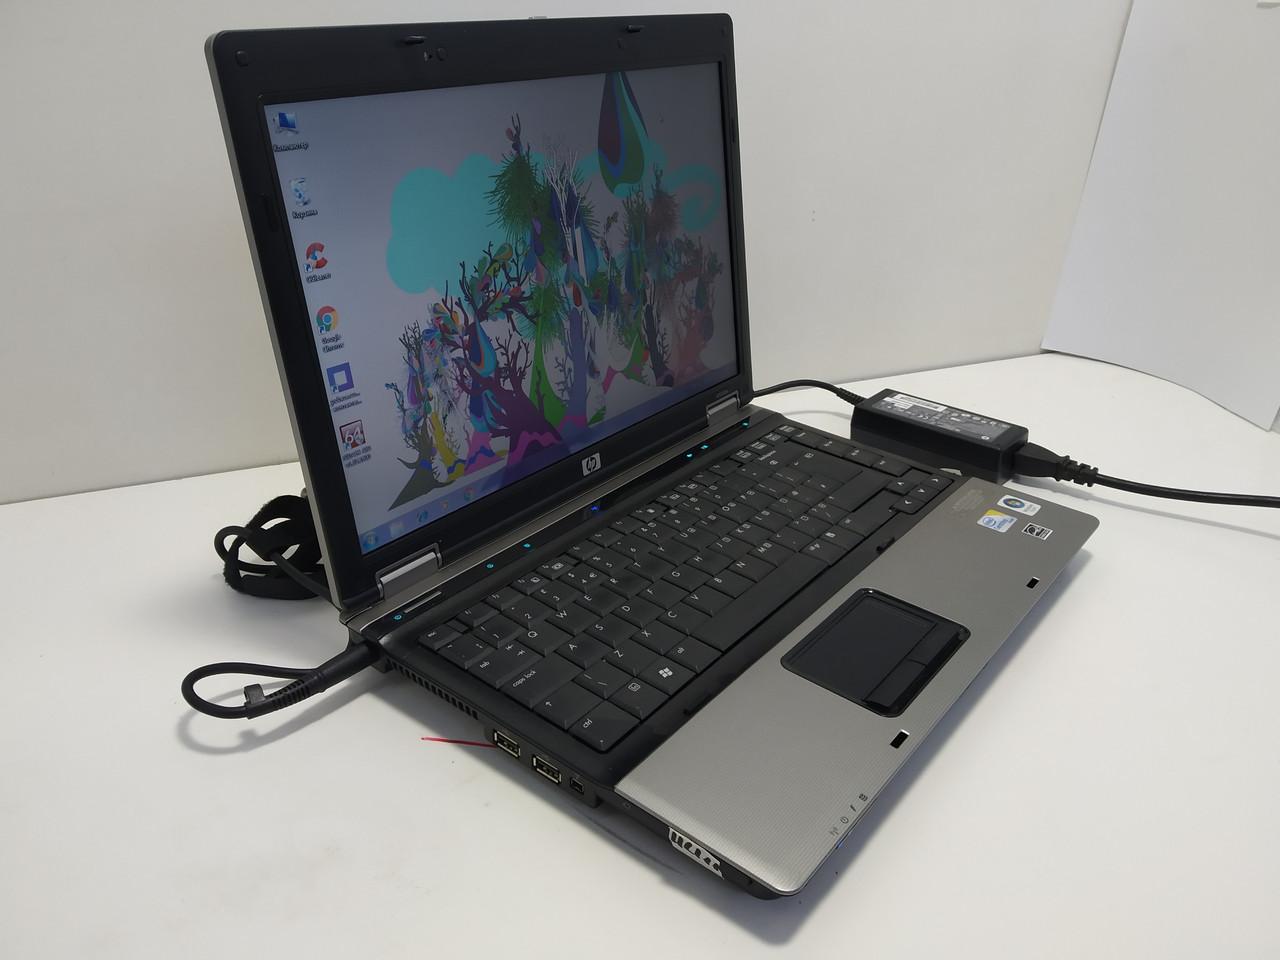 """14.1"""" HP Compaq 6530b 2 ядра p8400 2.26, 3 Гб ОЗУ, 120 ГБ HDD, батарея до 2 часов, Уценка\ Настроен"""